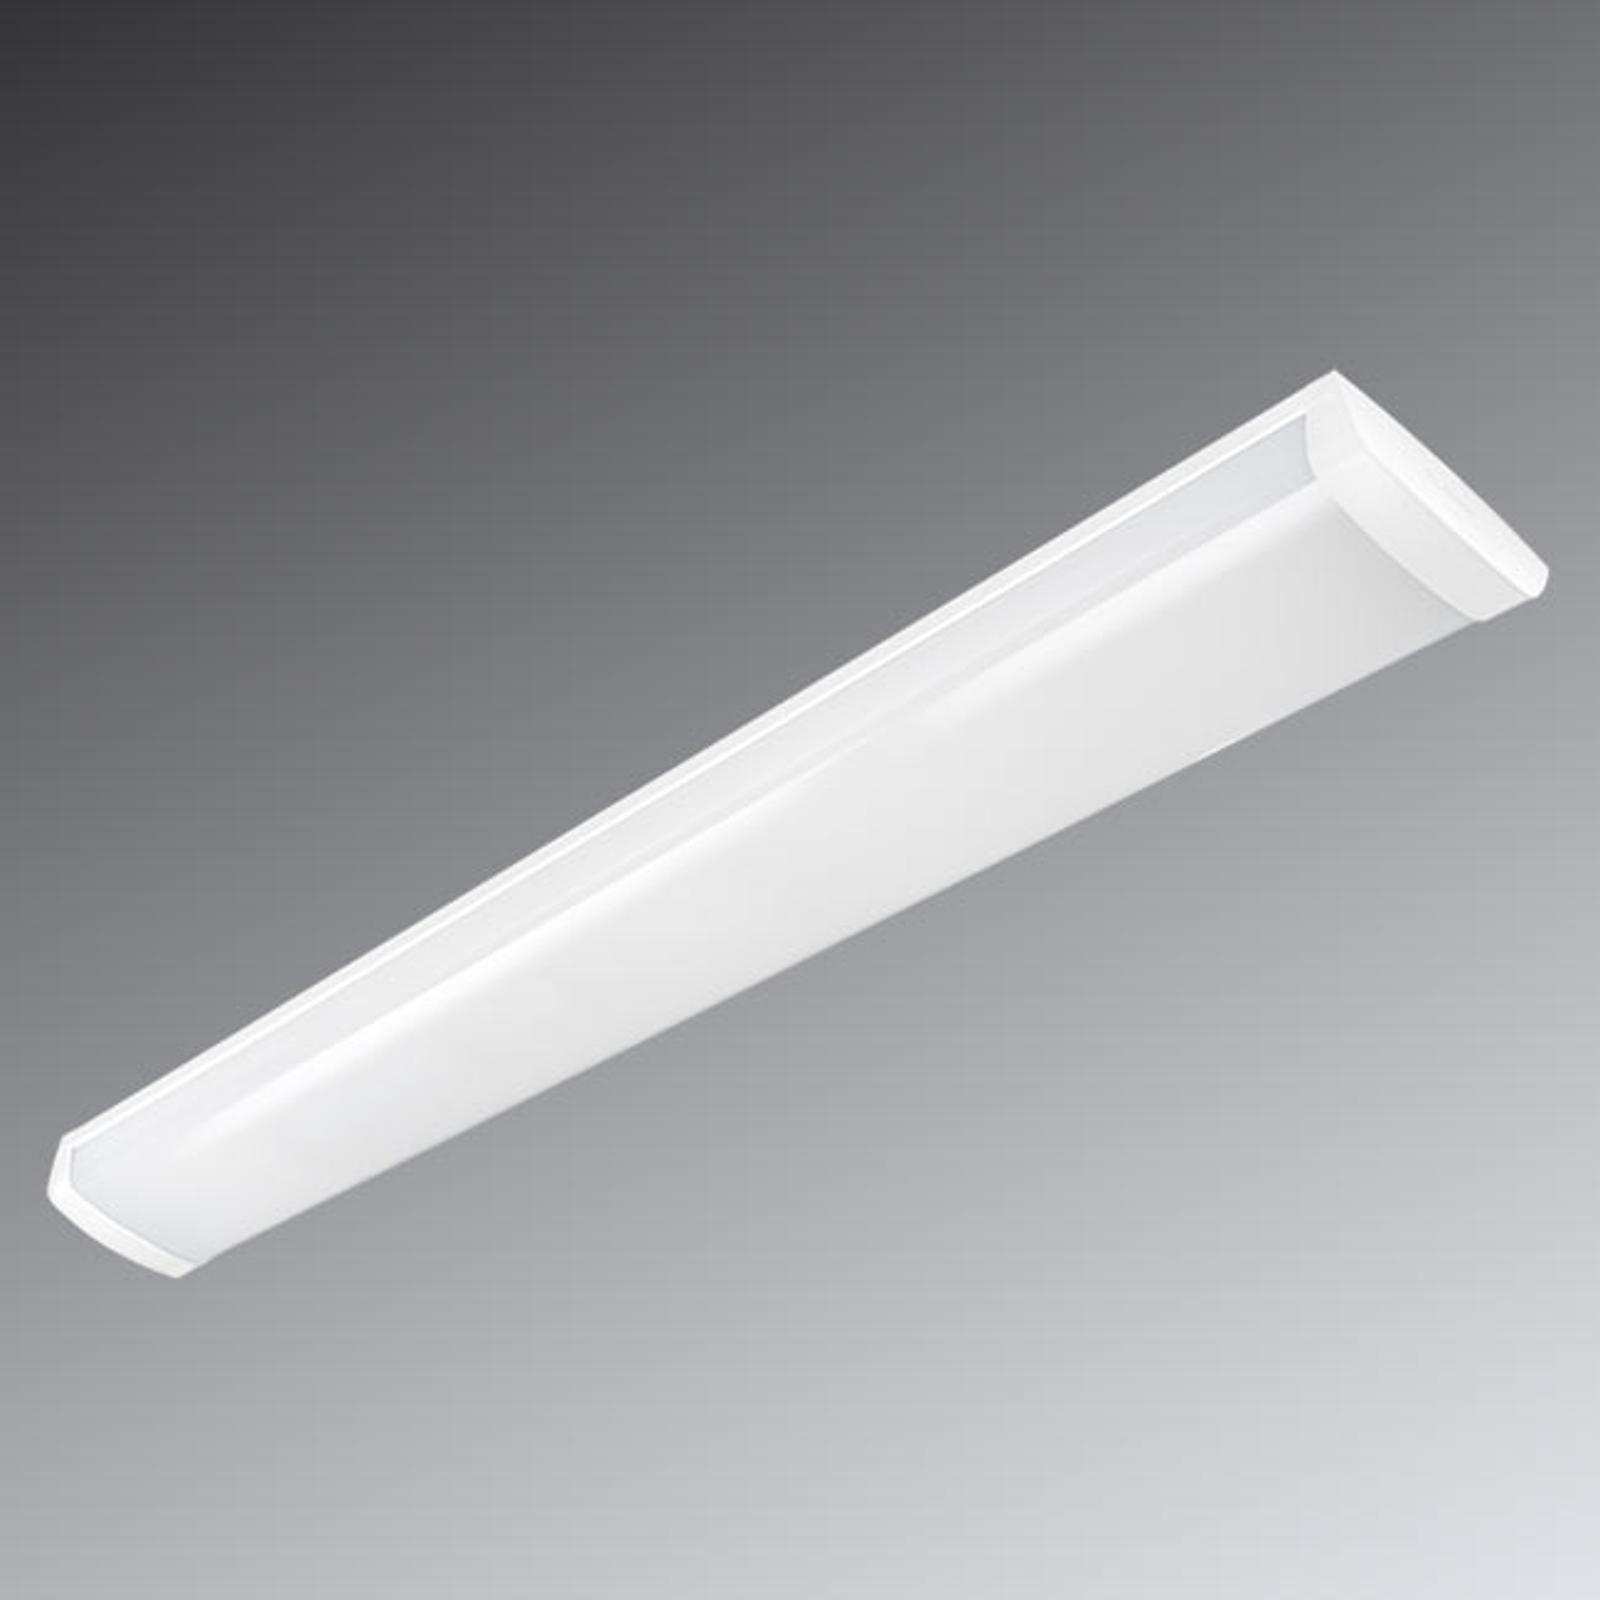 Lange LED plafondlamp i60-1500 6000 HF 3.000K